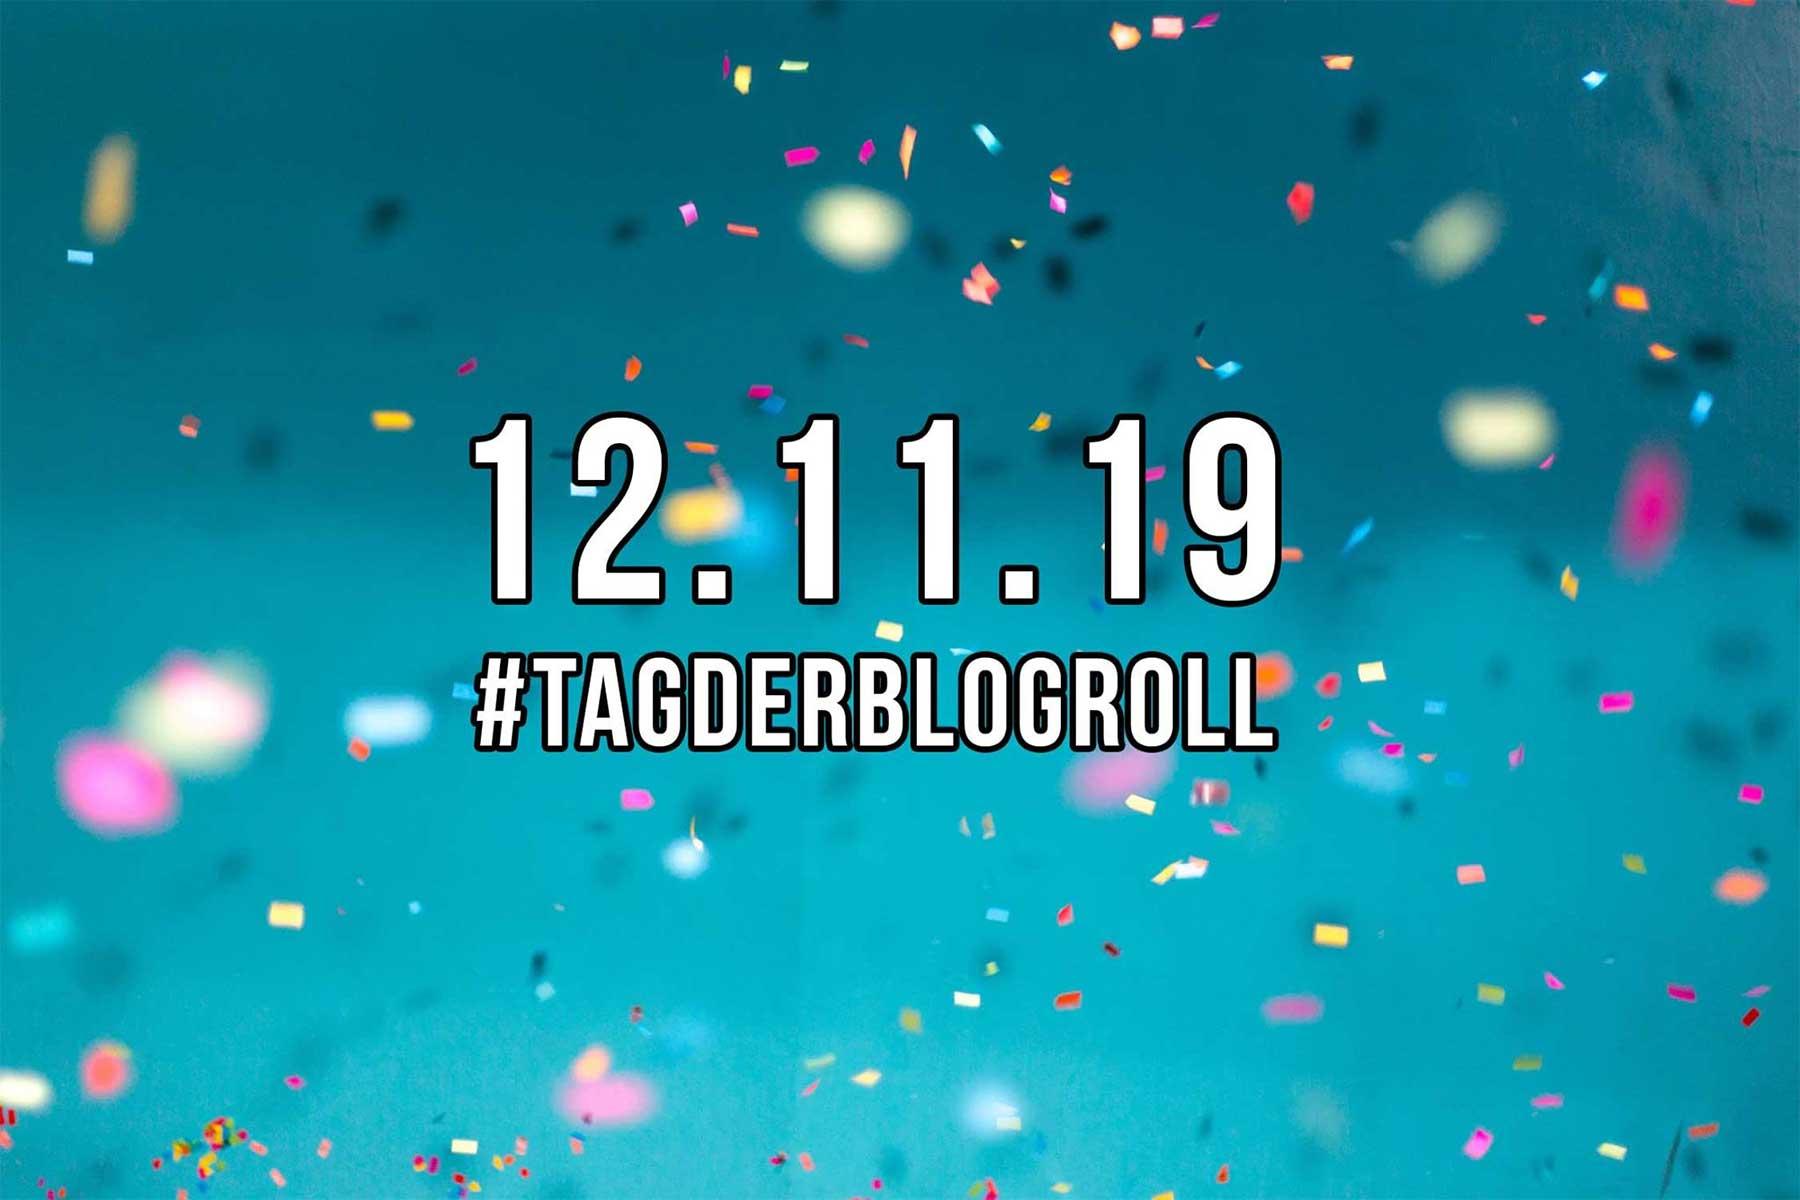 Am 12.11.2019 ist der zweite #TagderBlogroll